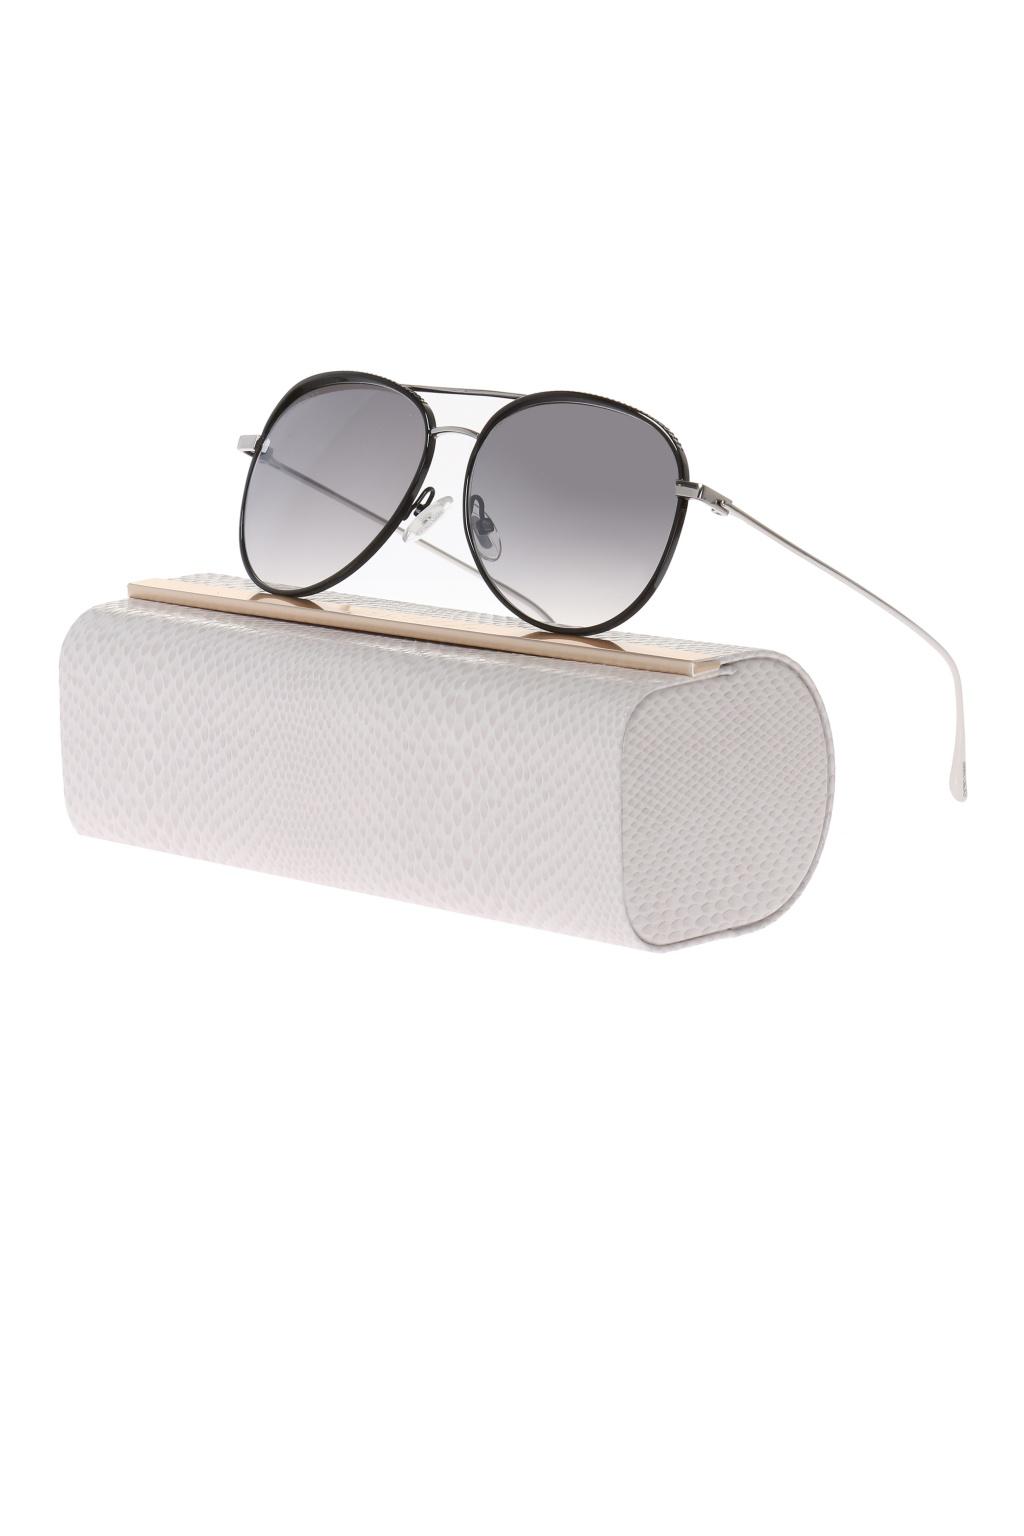 Jimmy Choo 'Reto' sunglasses